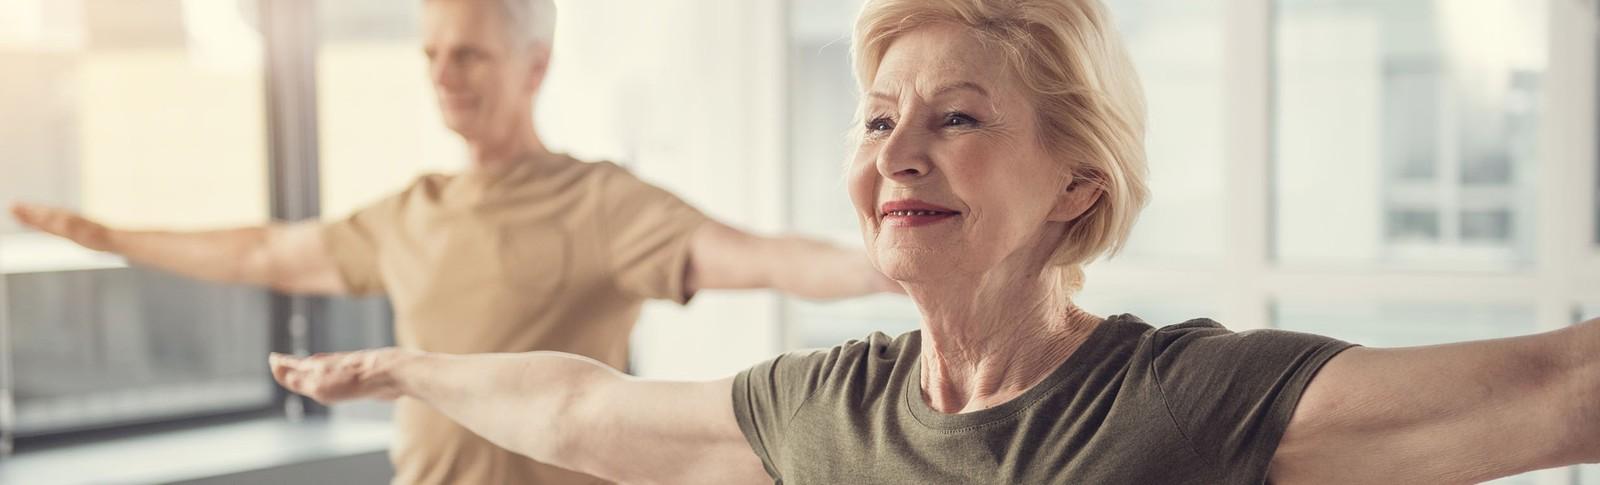 Ältere Dame genießt Gymnastik nach einer Oberarmstraffung in den Moser Kliniken.